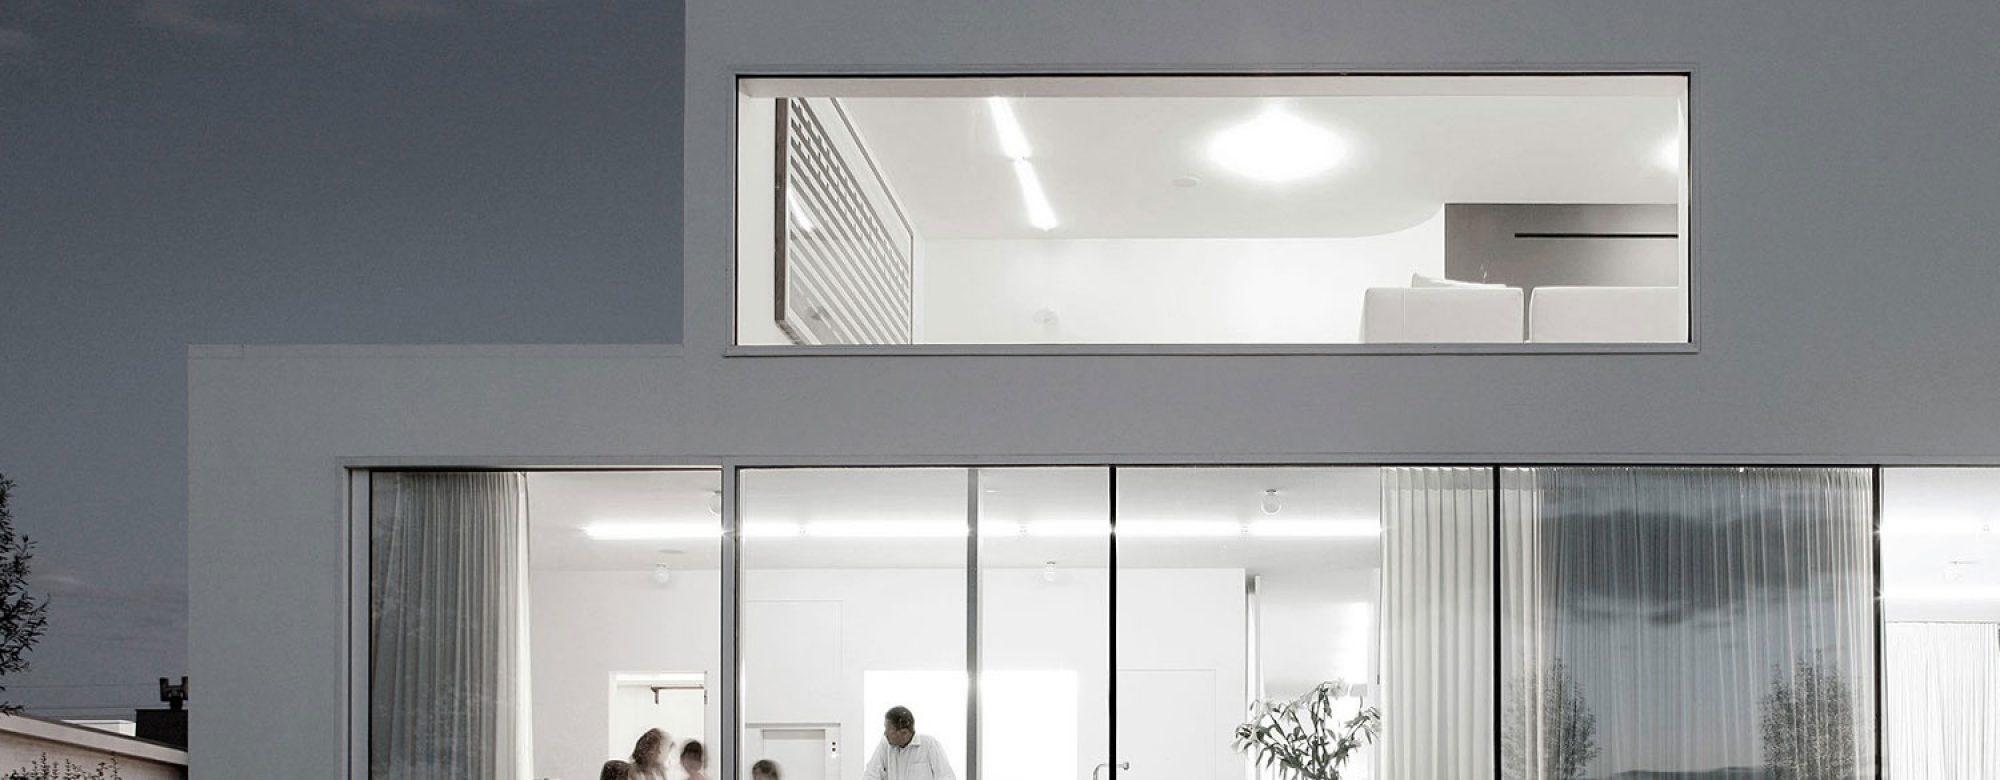 myx-magazine-architectuur-header